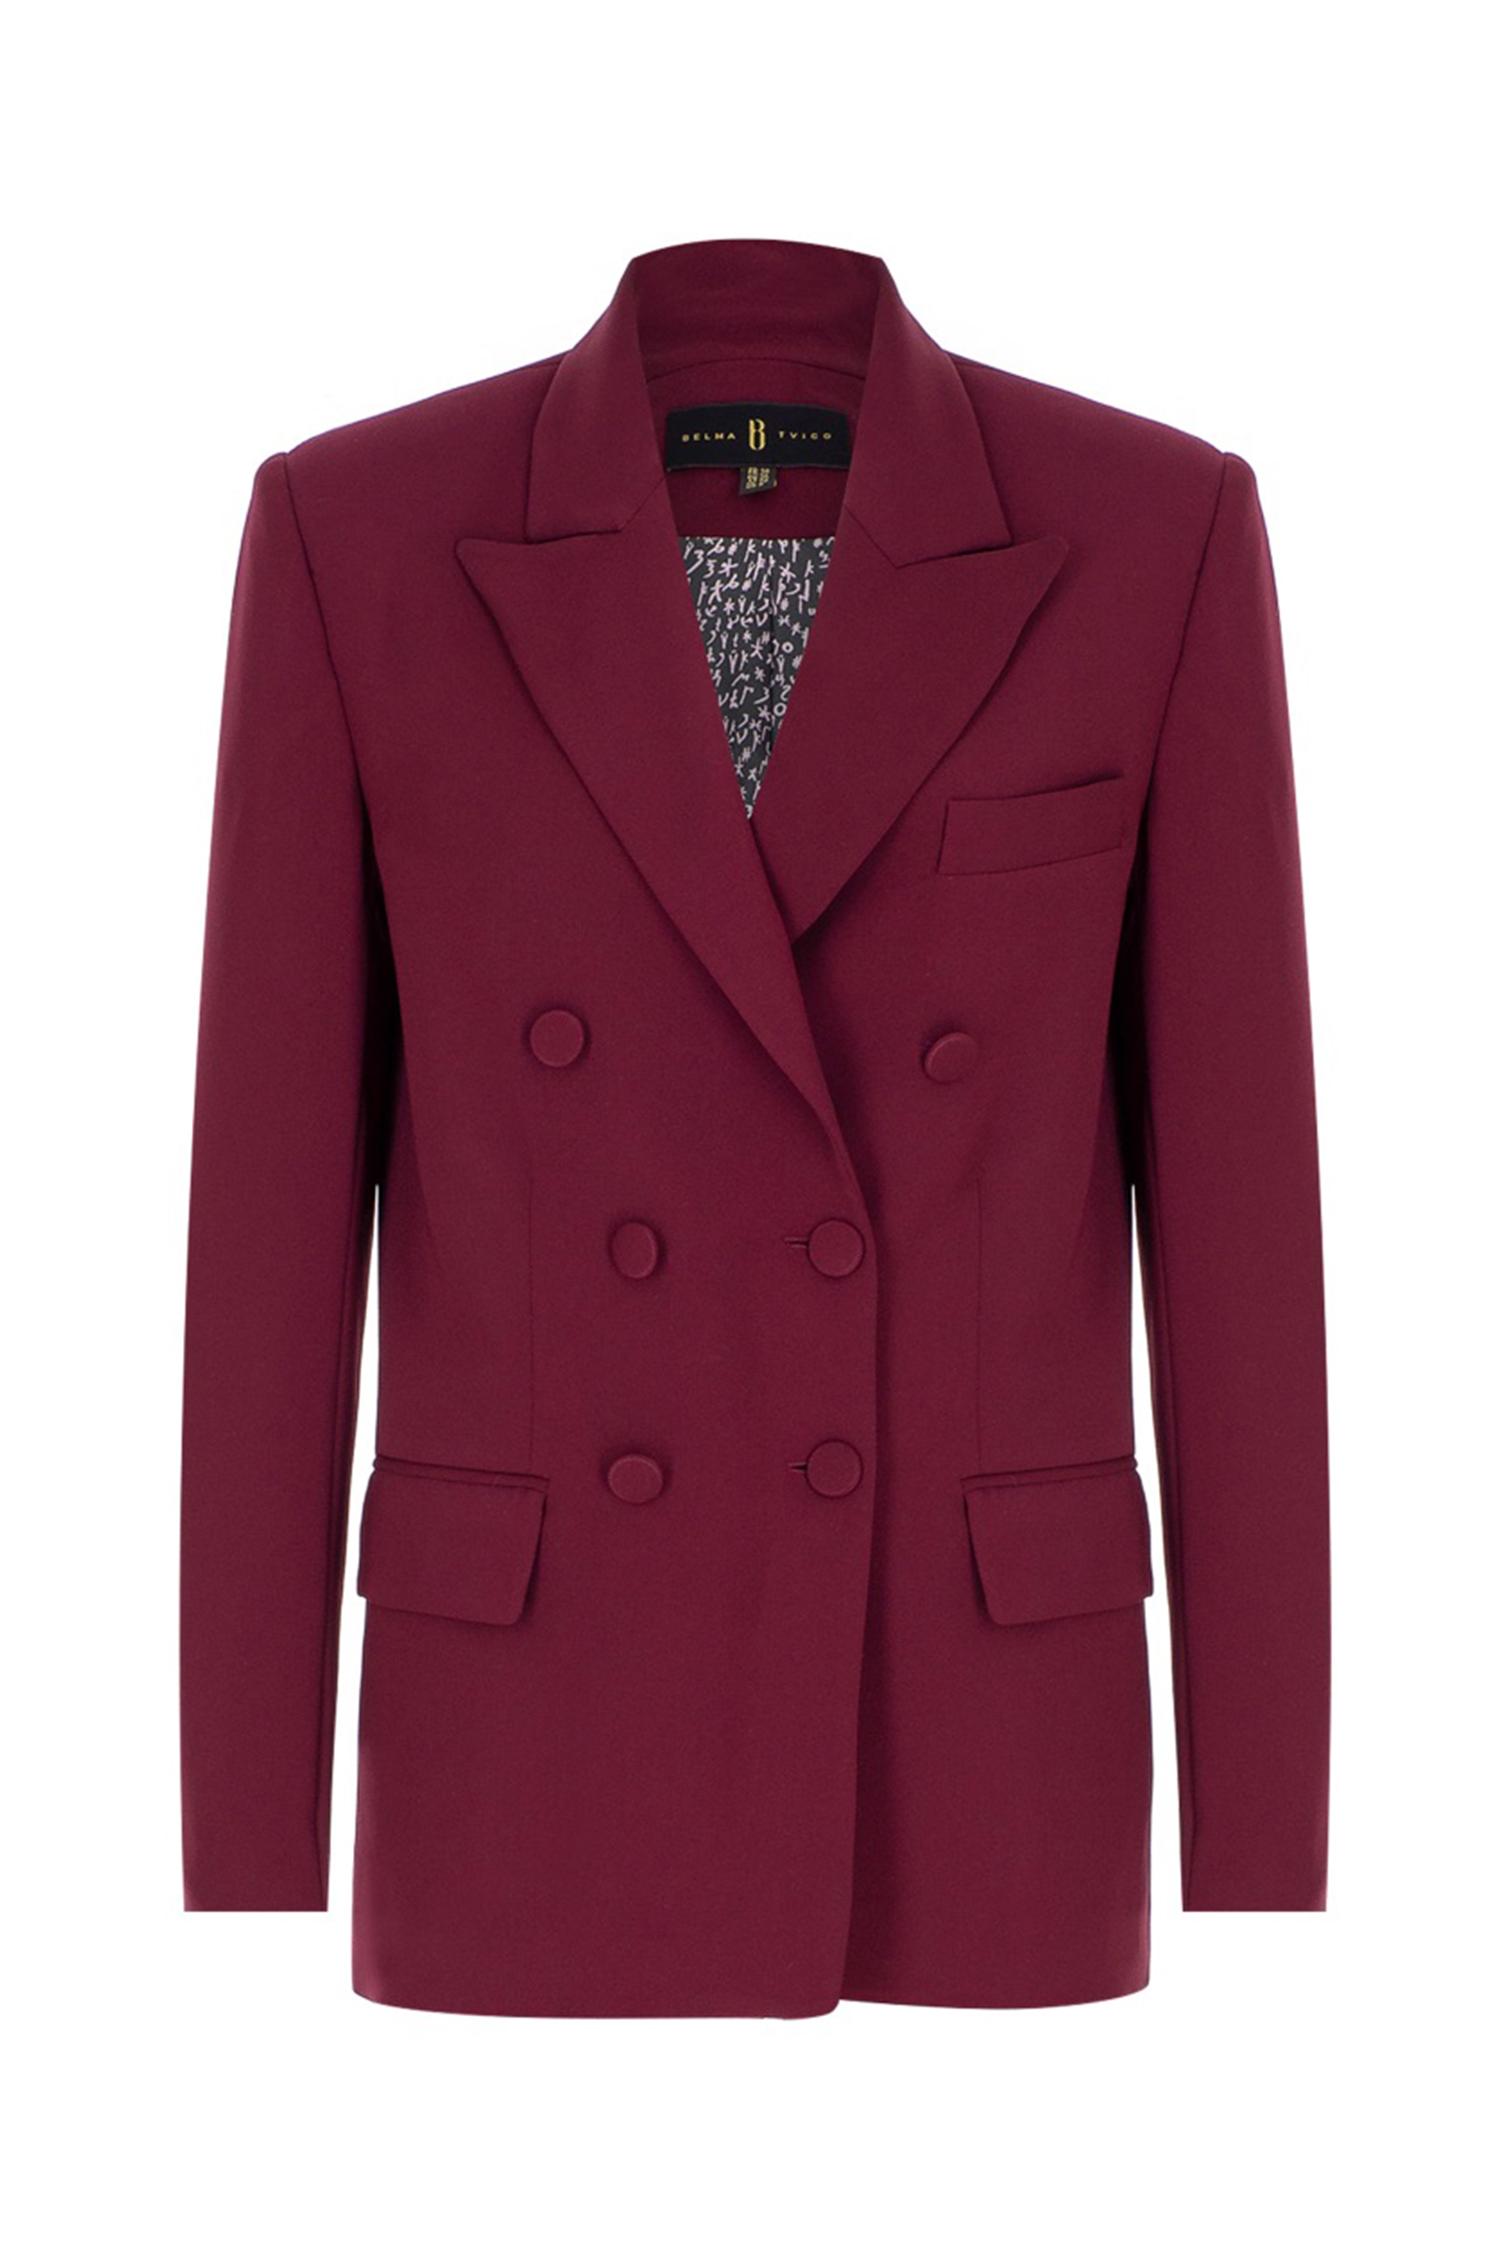 blazer, suit, fw 21/22